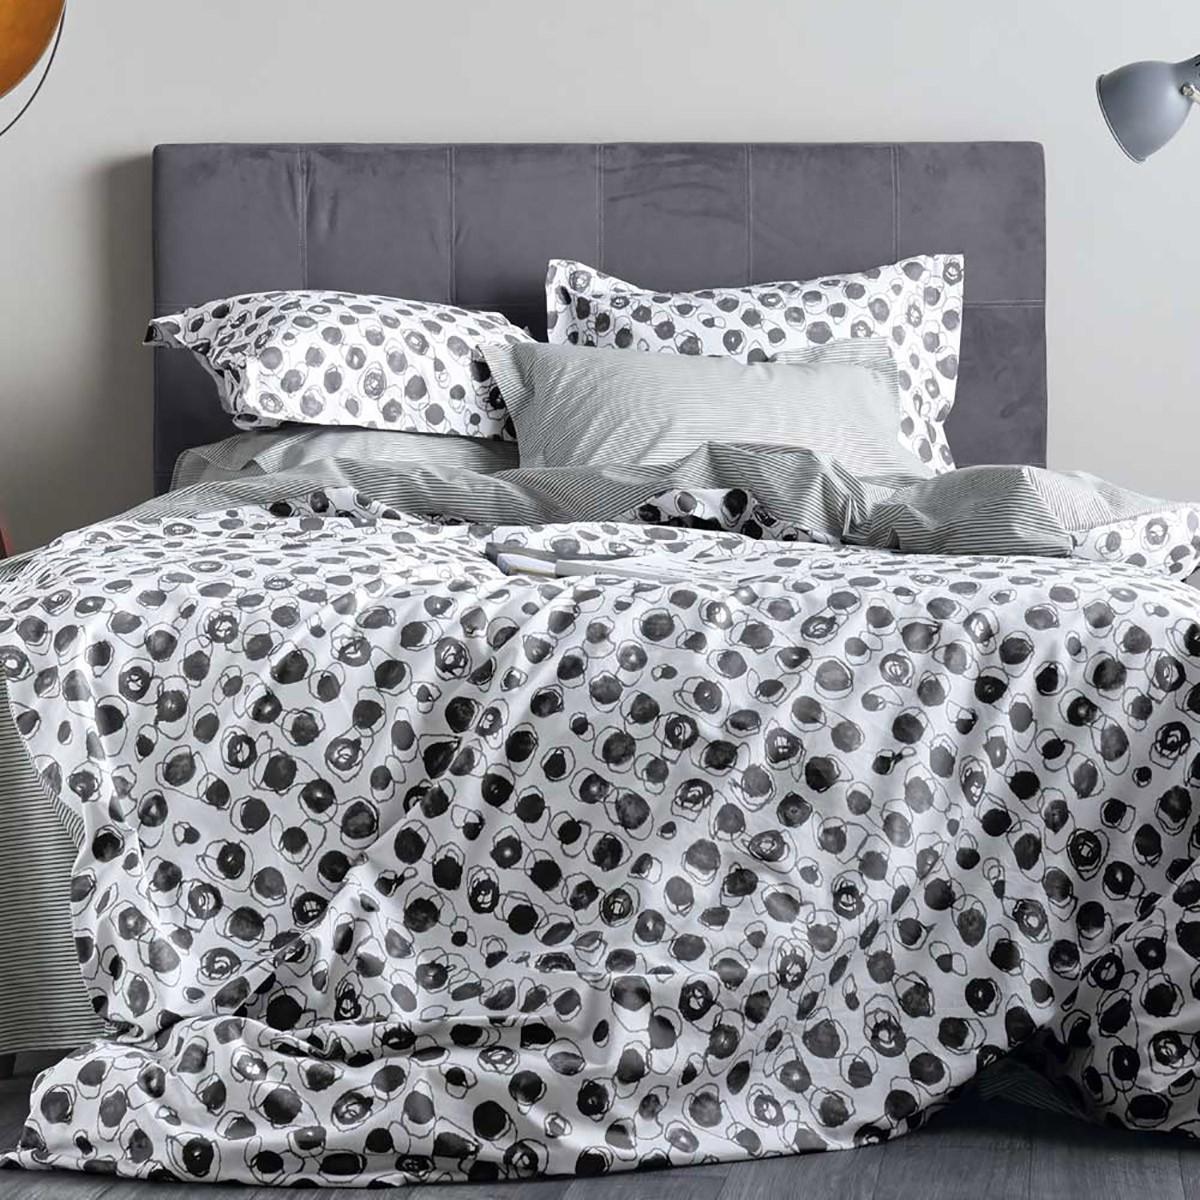 Σεντόνια Ημίδιπλα (Σετ) Kentia Loft Blot 30 home   κρεβατοκάμαρα   σεντόνια   σεντόνια ημίδιπλα   διπλά